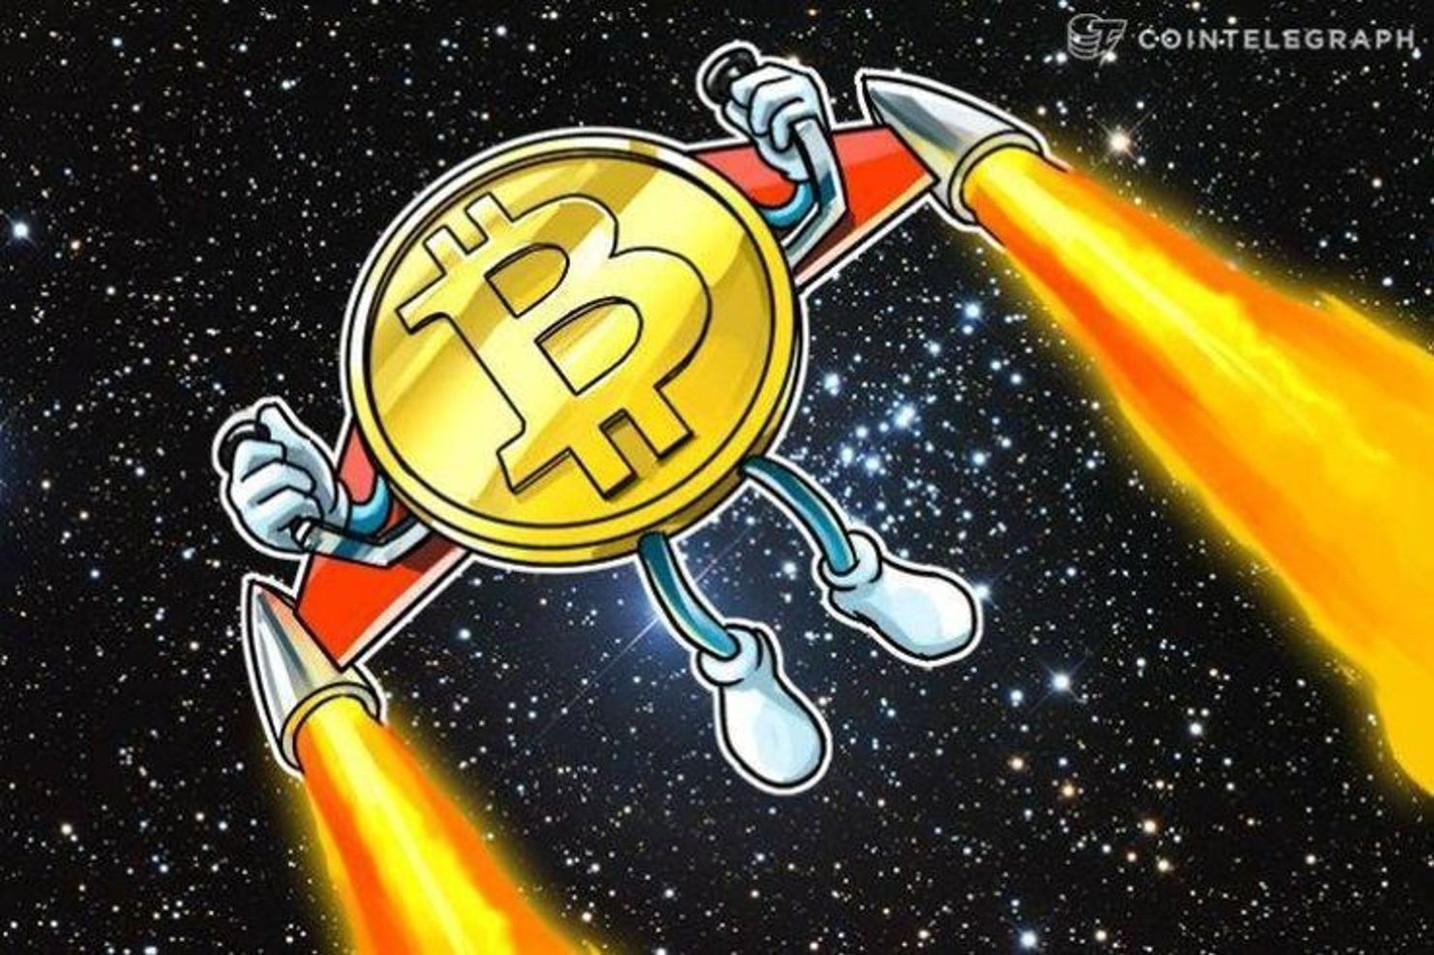 仮想通貨ビットコイン、年初来高値更新し9000ドルに迫る 大幅調整を警戒する声は根強い